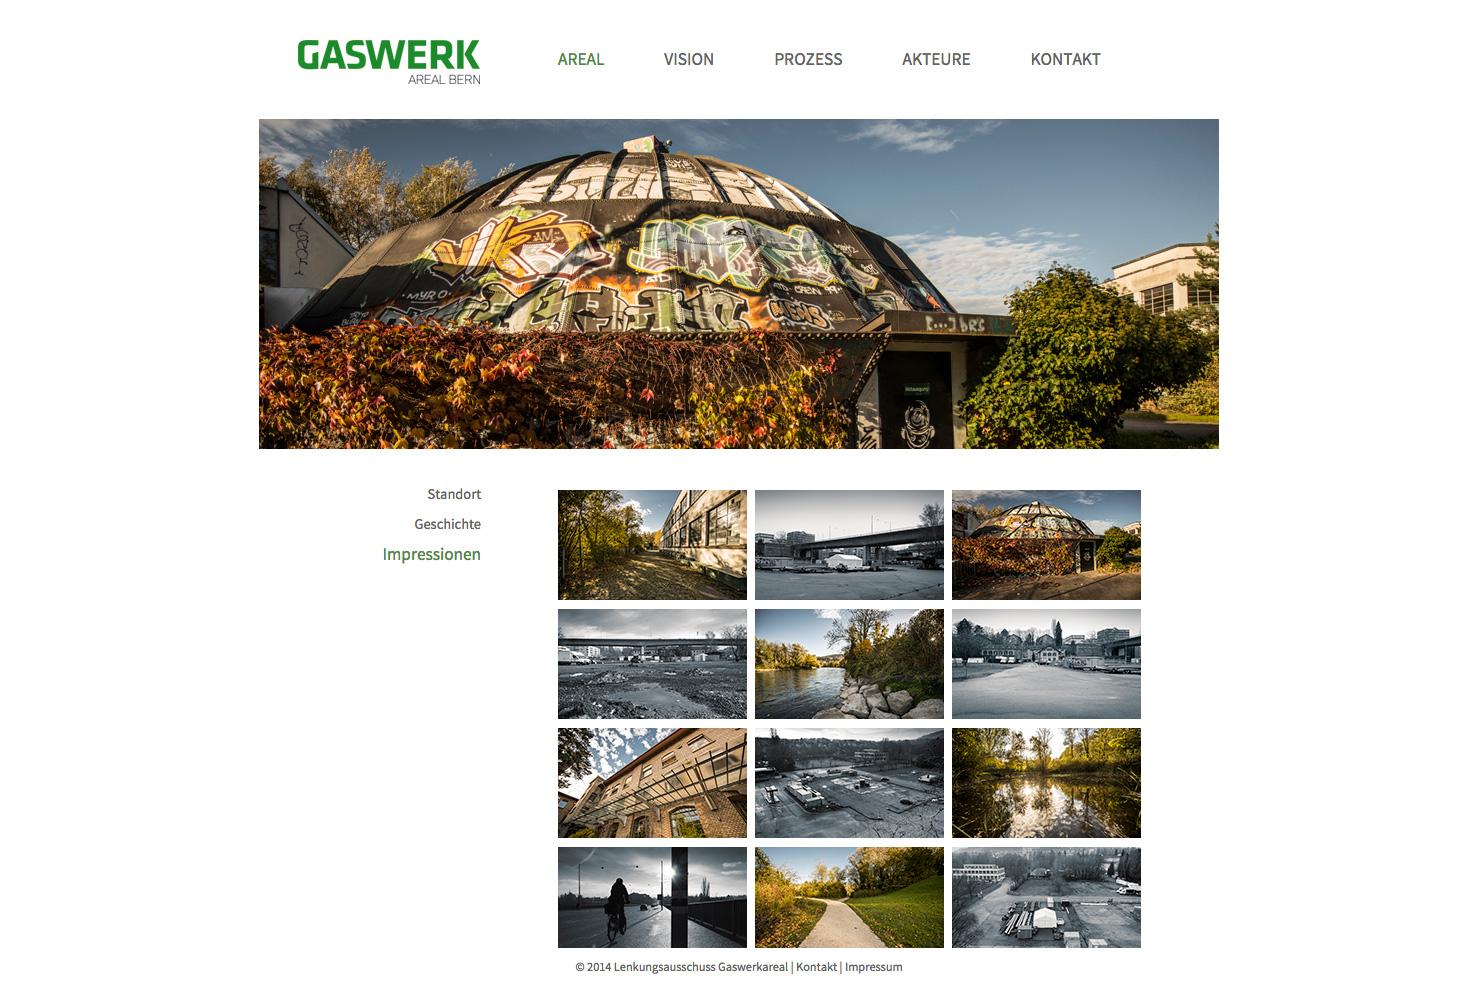 Bild 3 vom Gaswerkareal Webseite